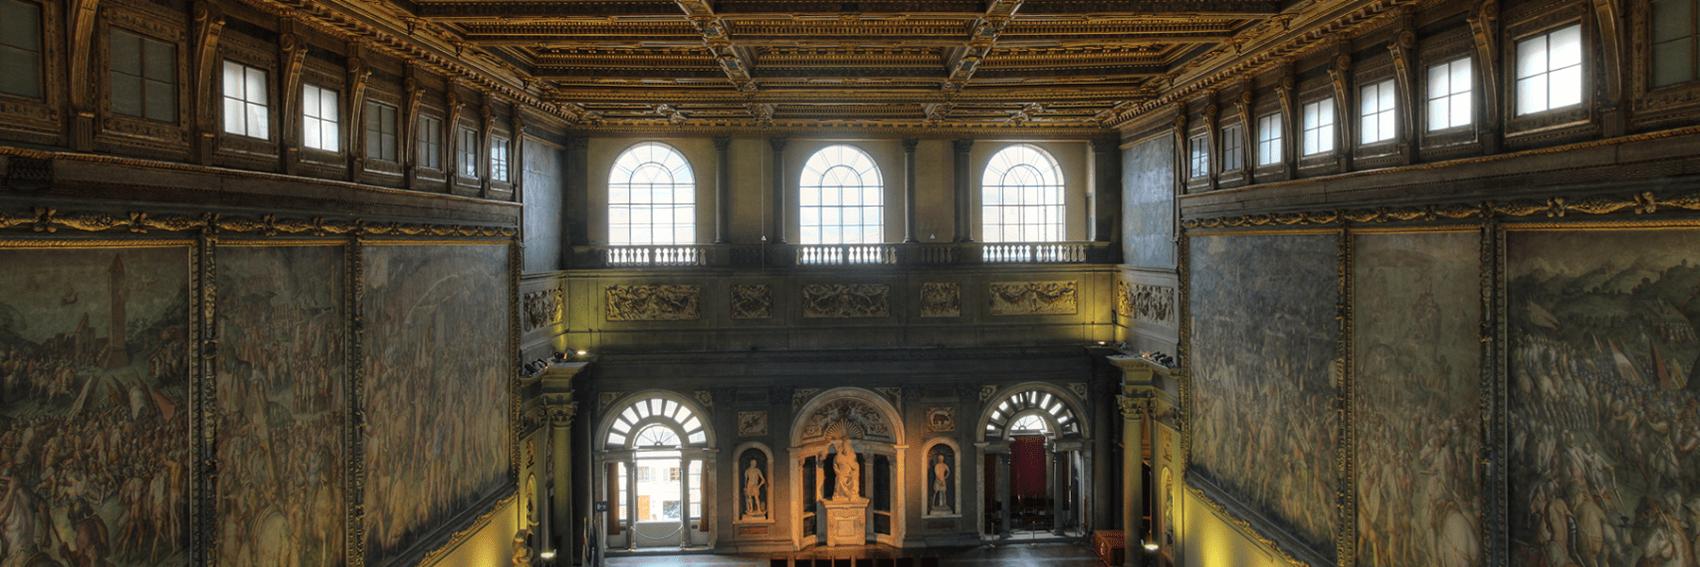 salone dei Cinquecento, Palazzo Vecchio, Firenze